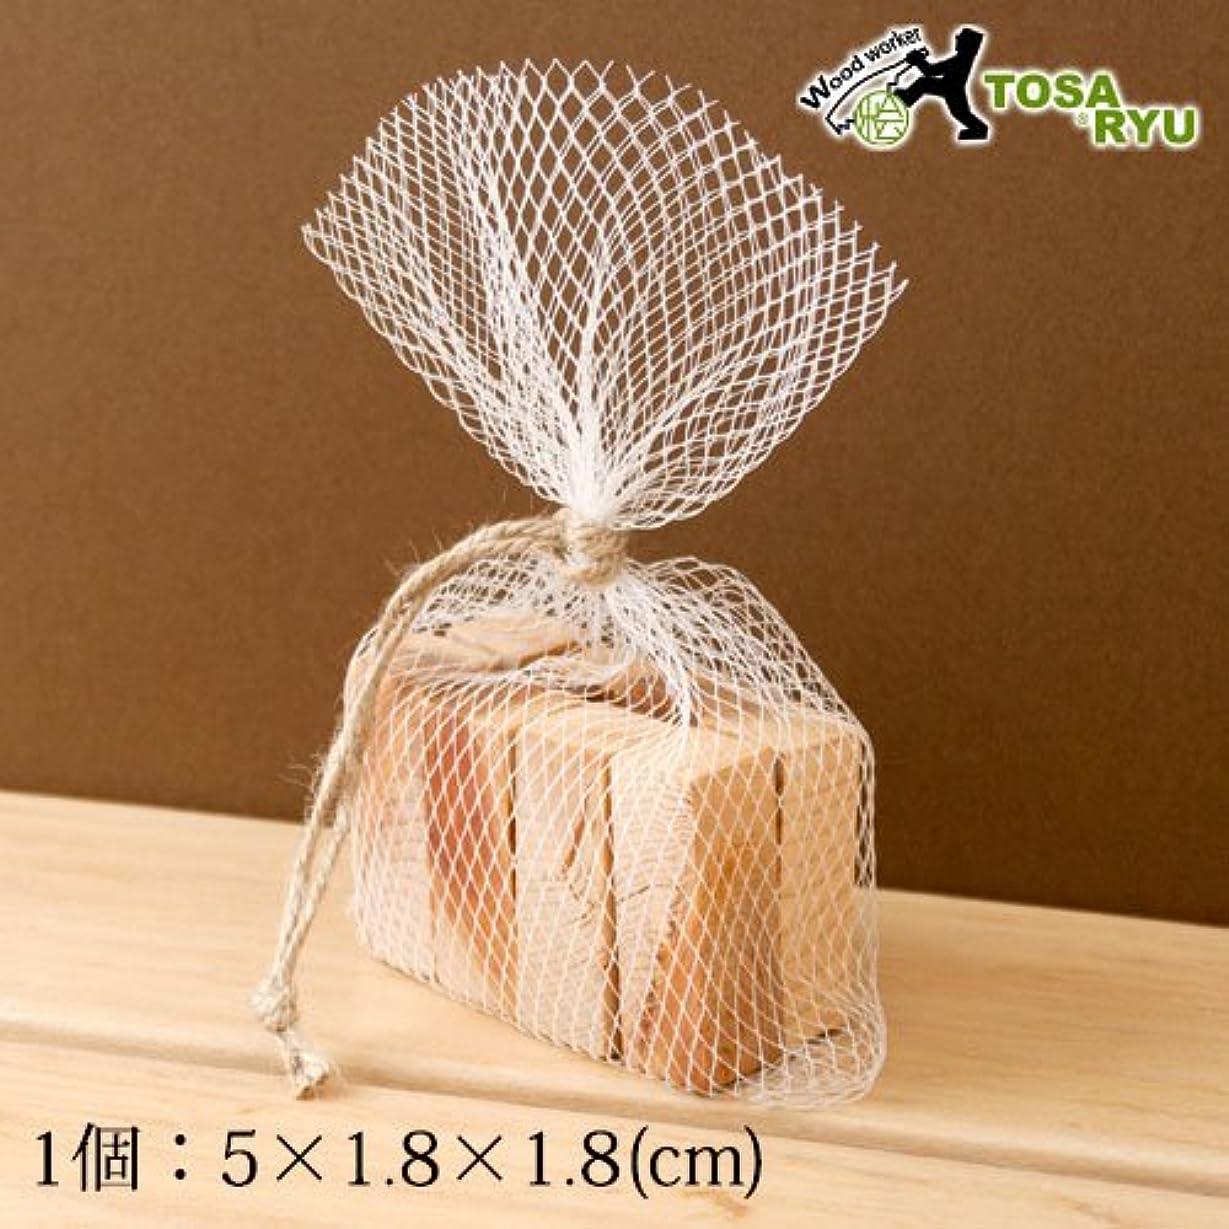 コンサートロッドボイド土佐龍アロマブロックメッシュ袋入り高知県の工芸品Bath additive of cypress, Kochi craft